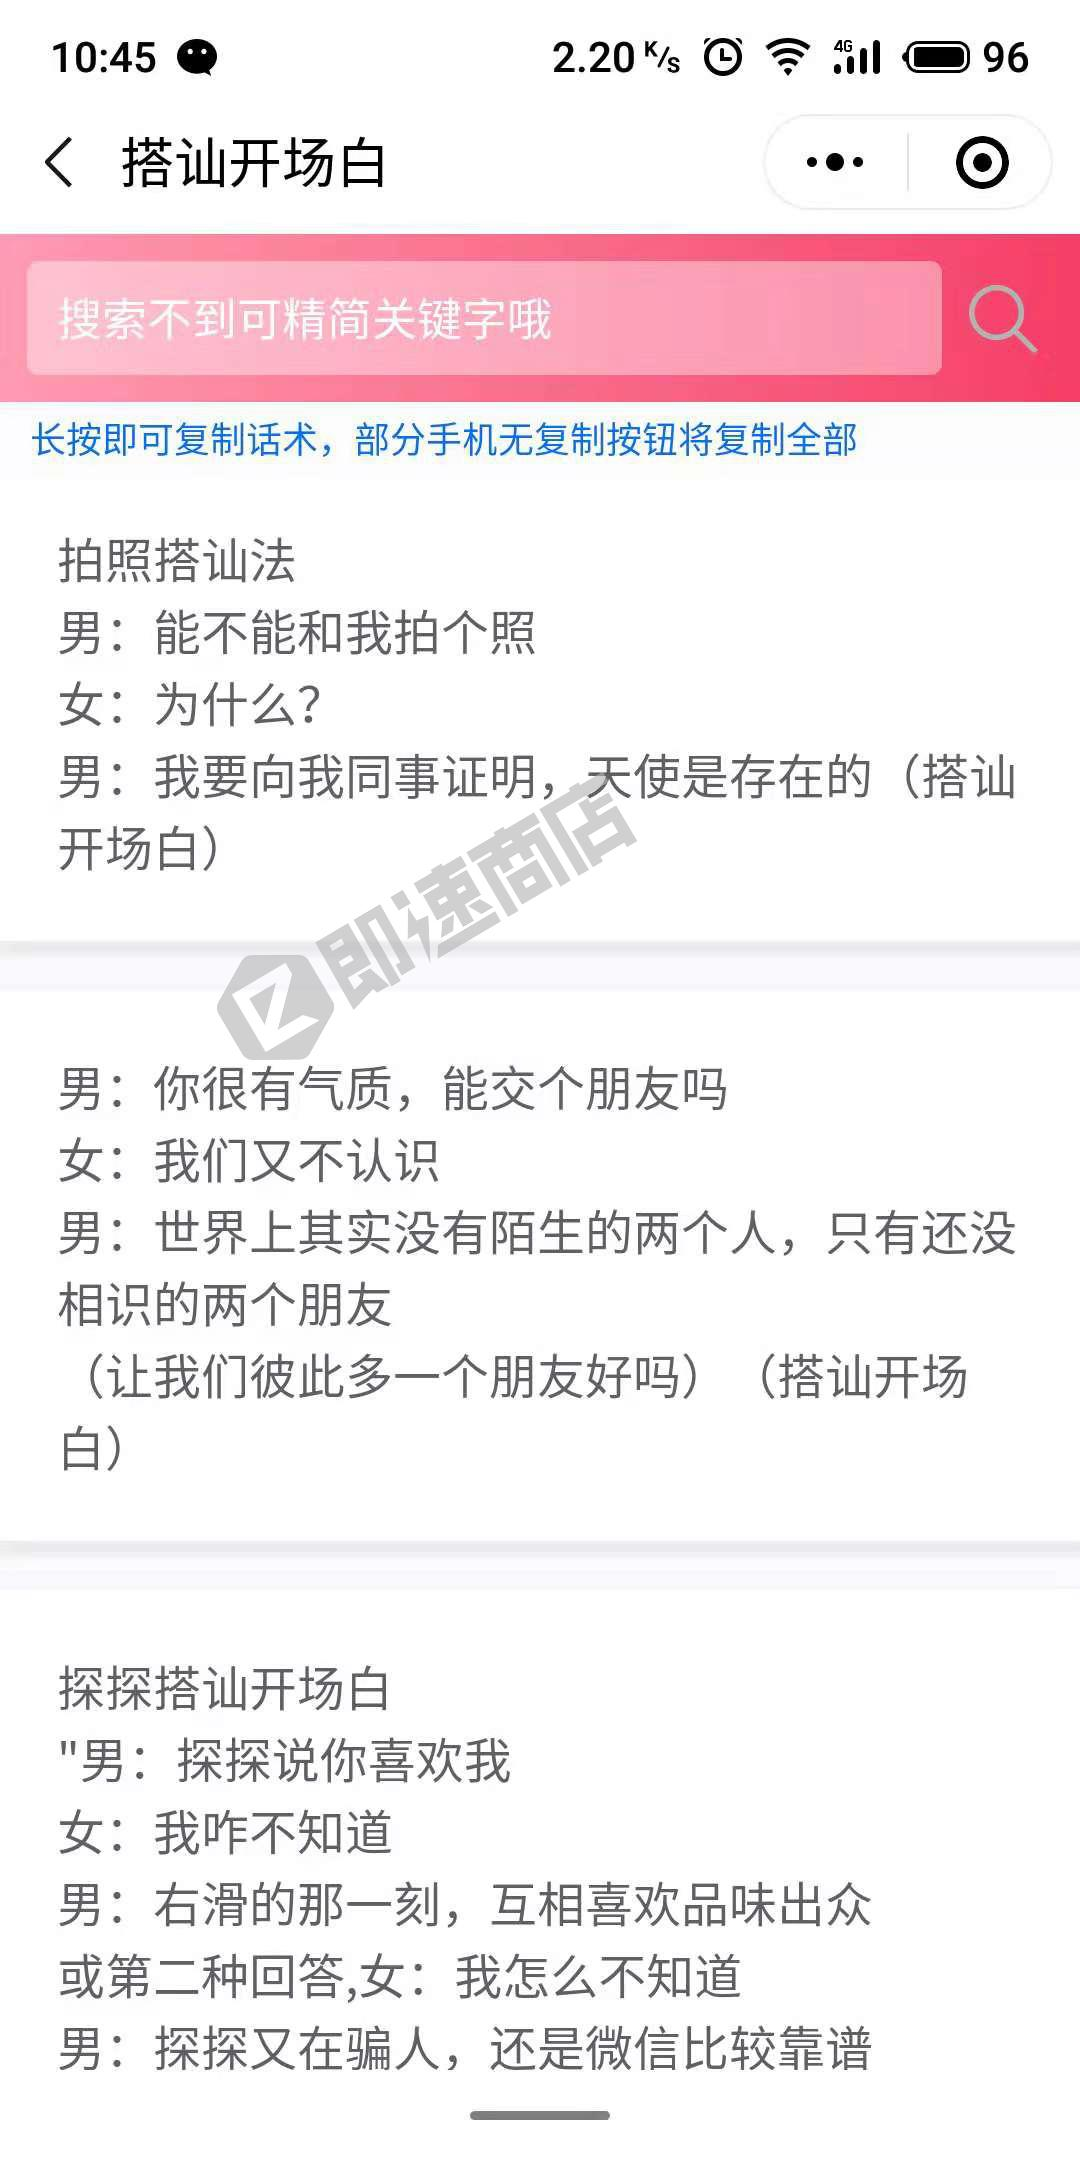 撩妹恋爱话术库小程序首页截图